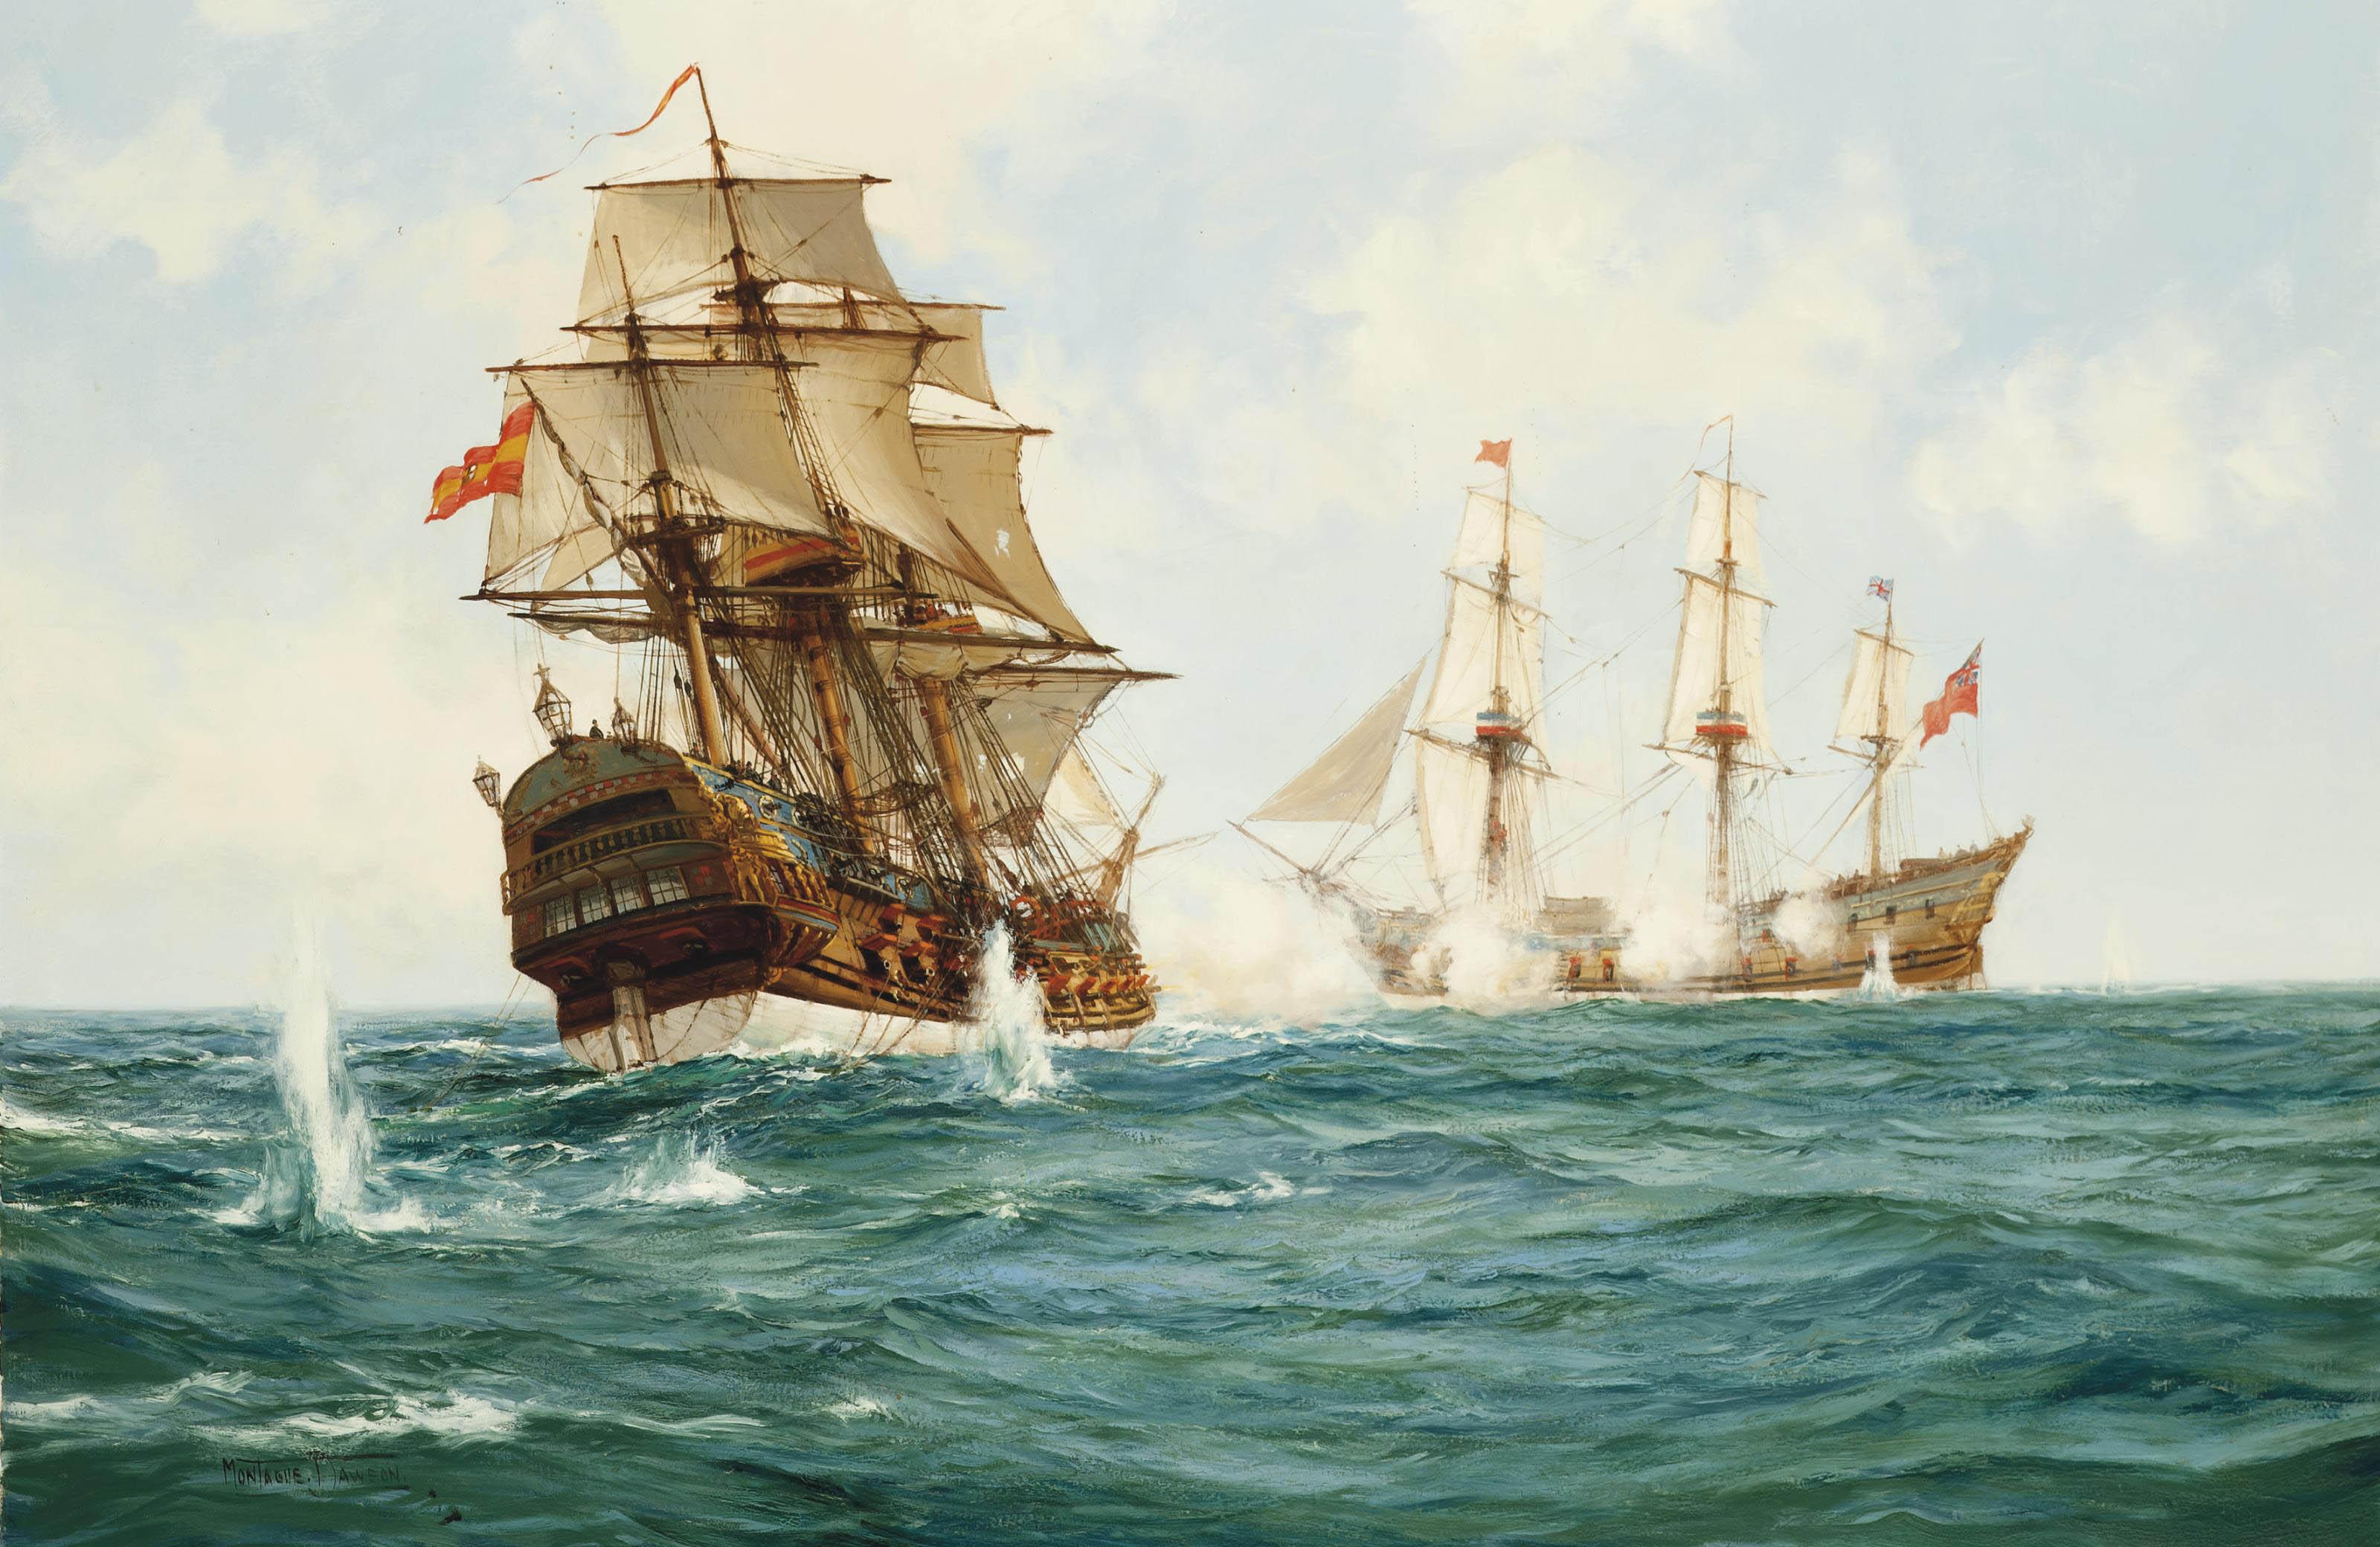 H.M.S. Centurion capturing the Spanish treasure galleon Nuestra Senora de Cavadonga off the Phillippines, 20th June 1743